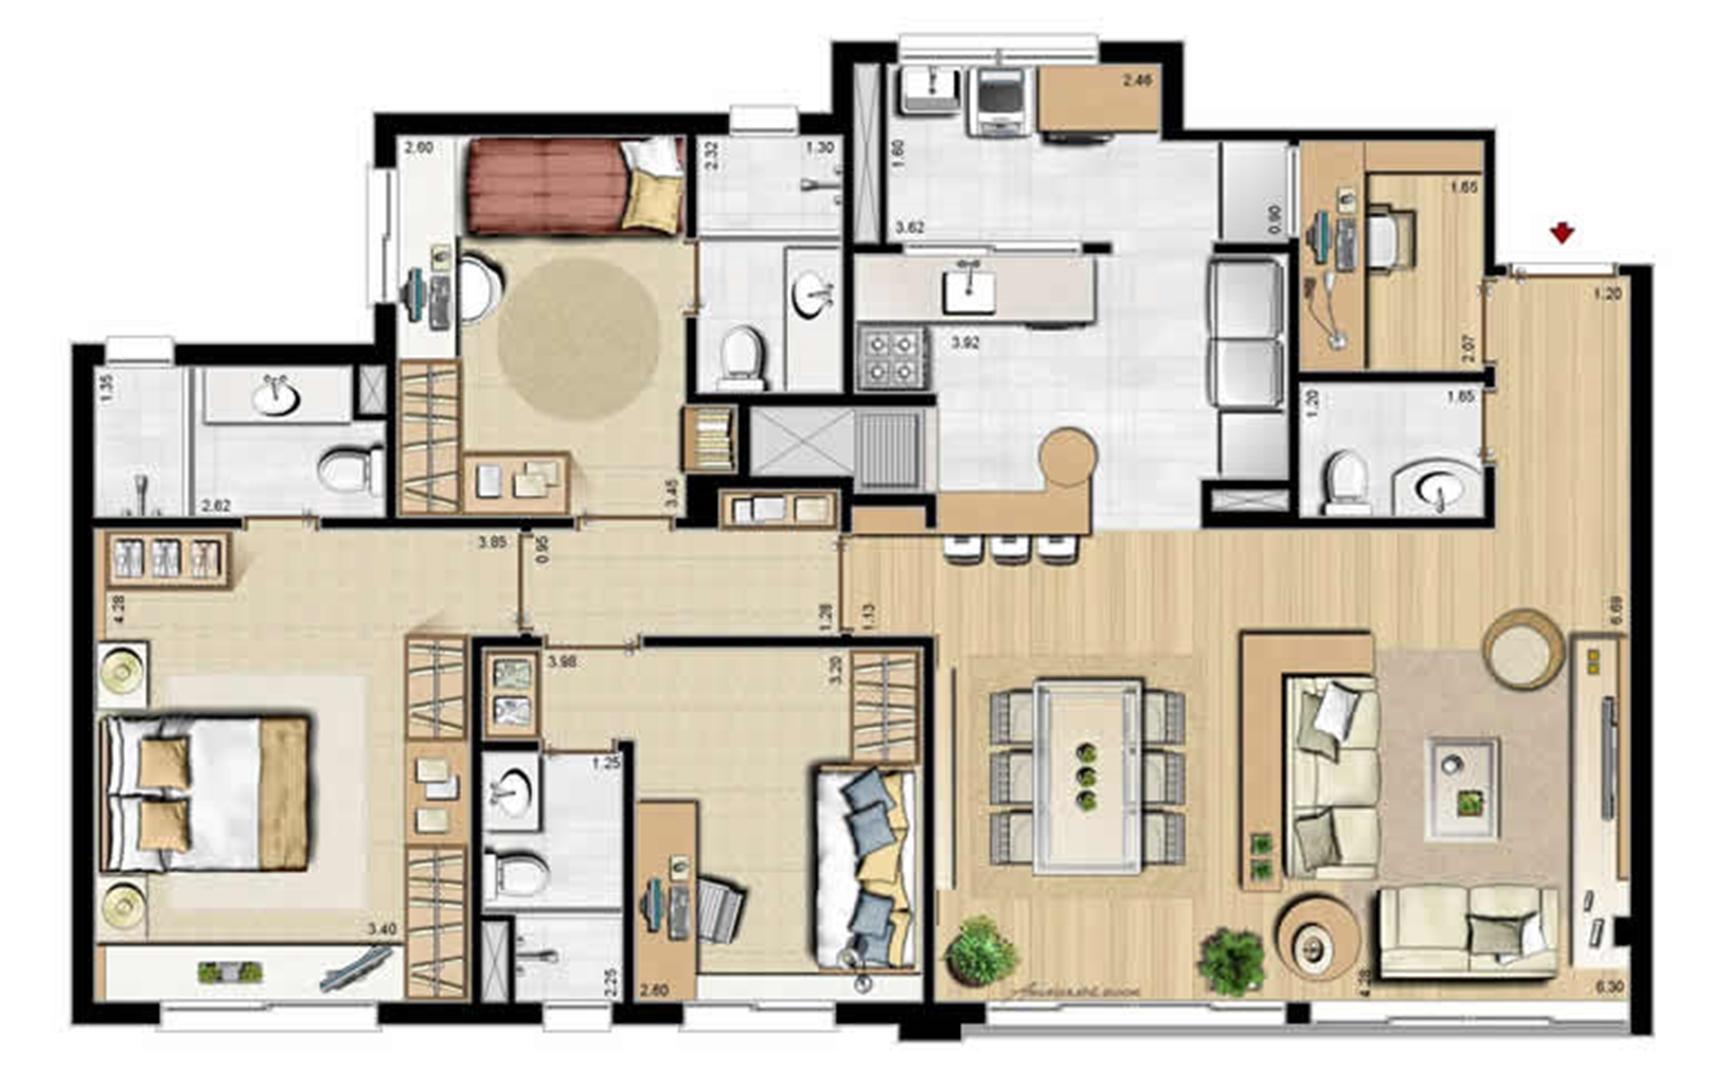 Sacada Integrada – Sugestão de Decoração - 113 m² privativos e 175 m² área total | Villa Mimosa Vita Insolaratta – Apartamento no  Centro - Canoas - Rio Grande do Sul